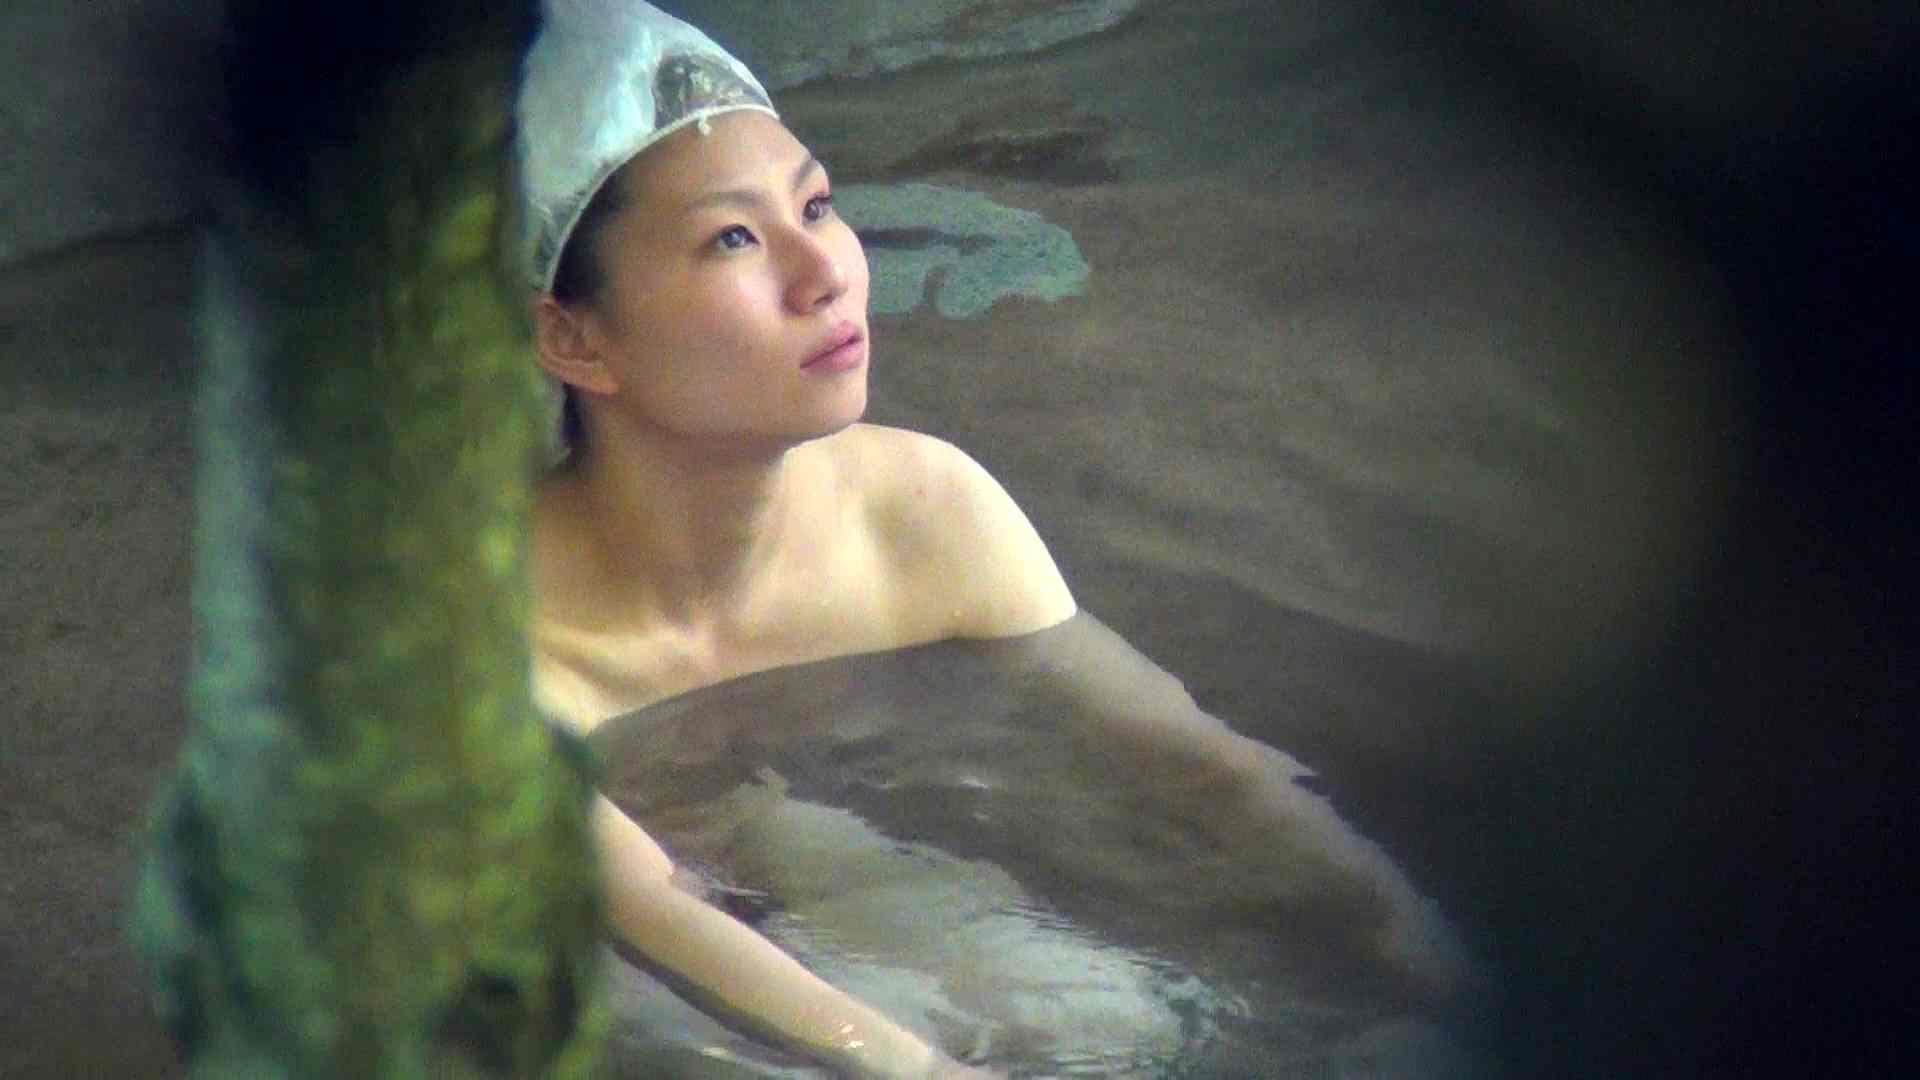 Vol.43 ヘアキャップをしても美しい中性的美女simai ギャル攻め 性交動画流出 110画像 44